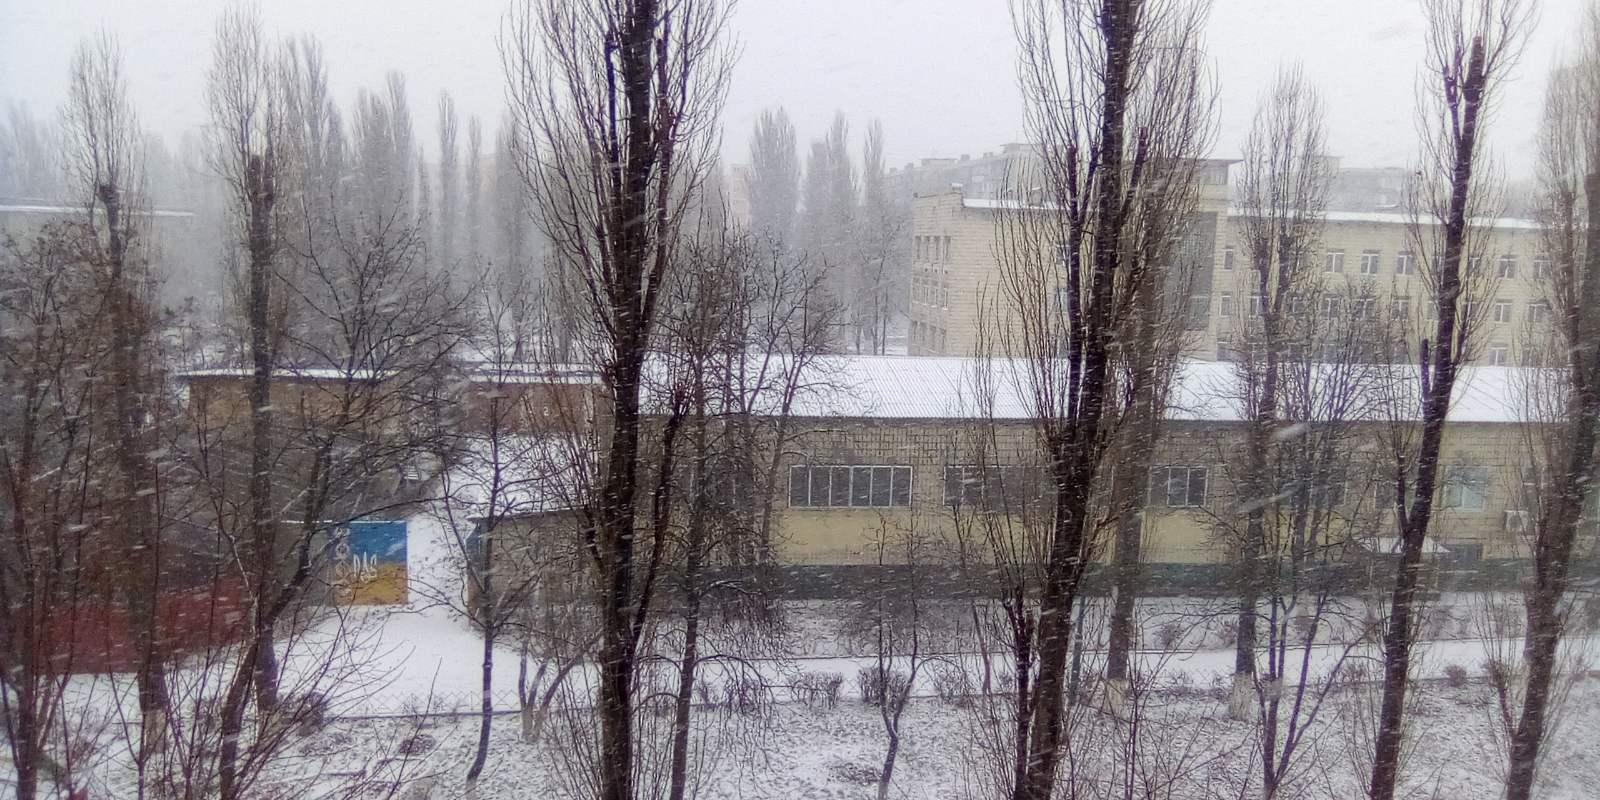 Київ засипає снігом: з'явилися яскраві фото і відео